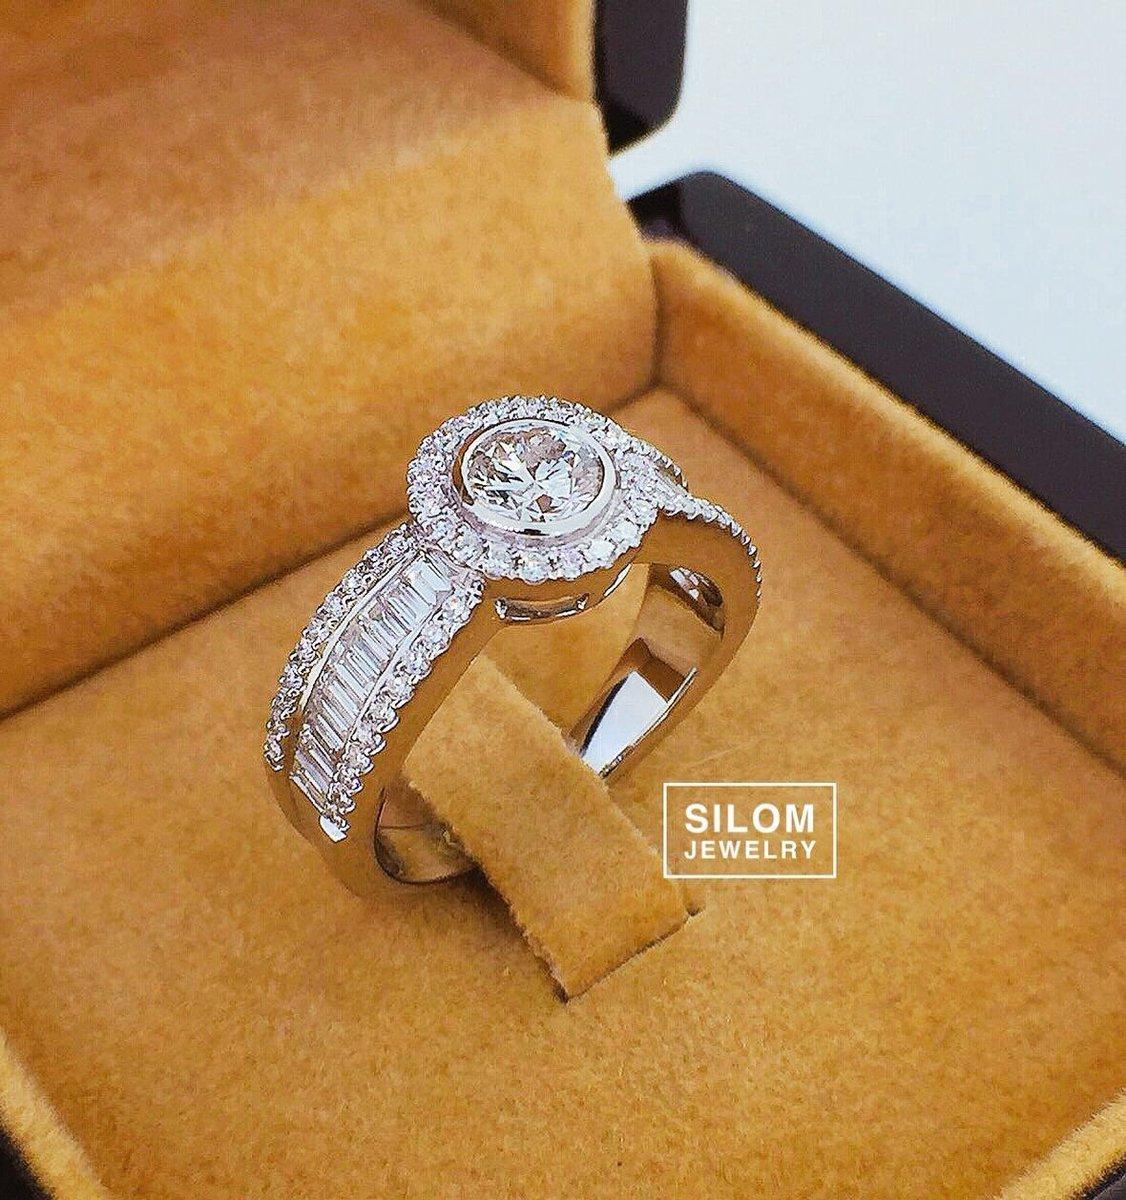 แหวนหมั้น แหวนแต่งงาน หรูหราเน้นเพชรเยอะมีสไตล์ ผสมผสานเพชร 2 shape รวมกัน เพชรสวยมาก เน้นขาวใส . #silomjewelry #diamond #gold #jewelry #ring #แหวนเพชร #แหวนหมั้น #แหวนแต่งงาน #แหวนเพชรแท้ #เพชรสวย #เพชรขาว